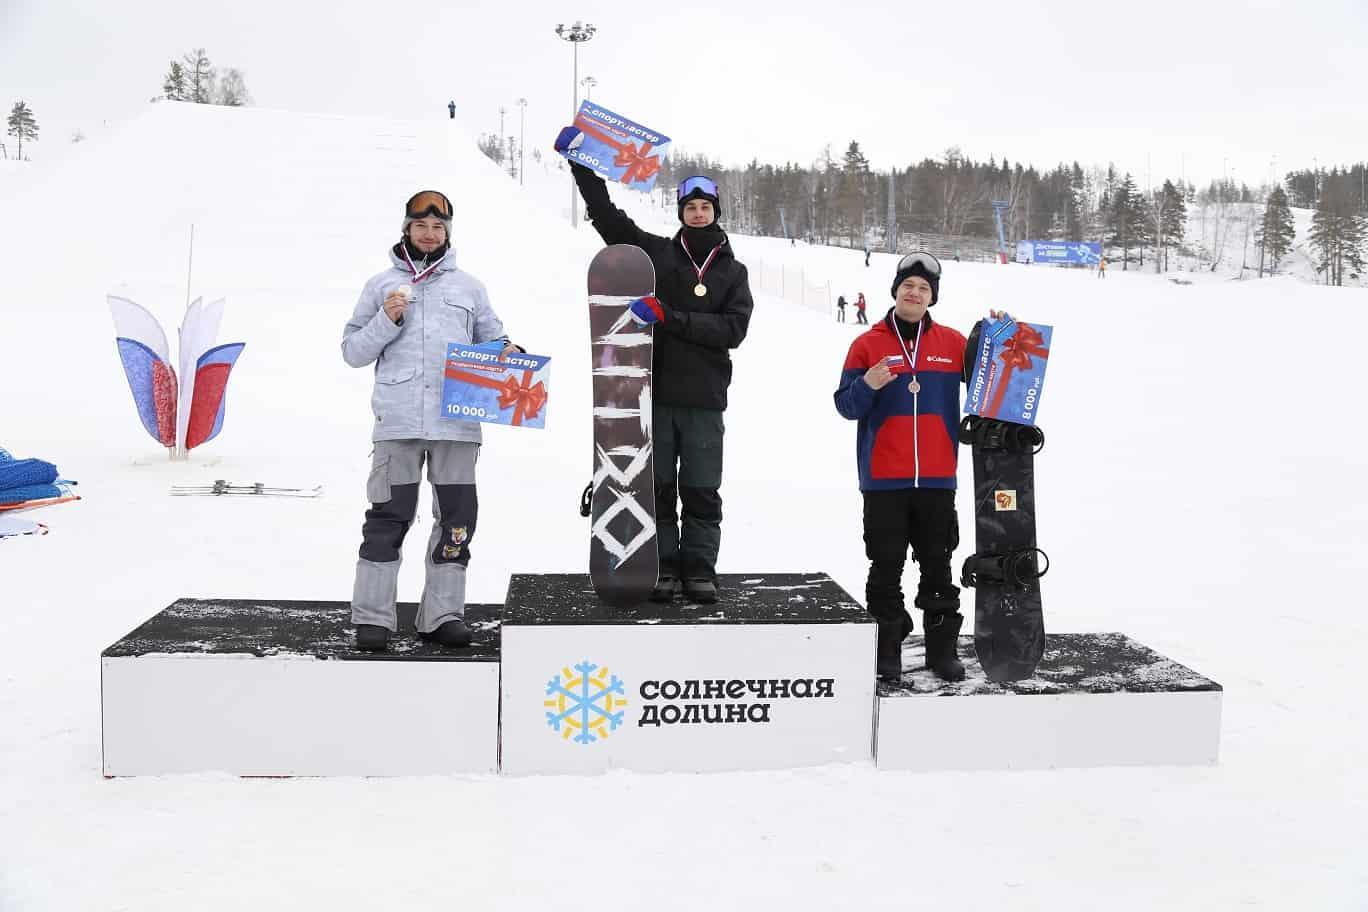 Чемпионат России по сноуборду